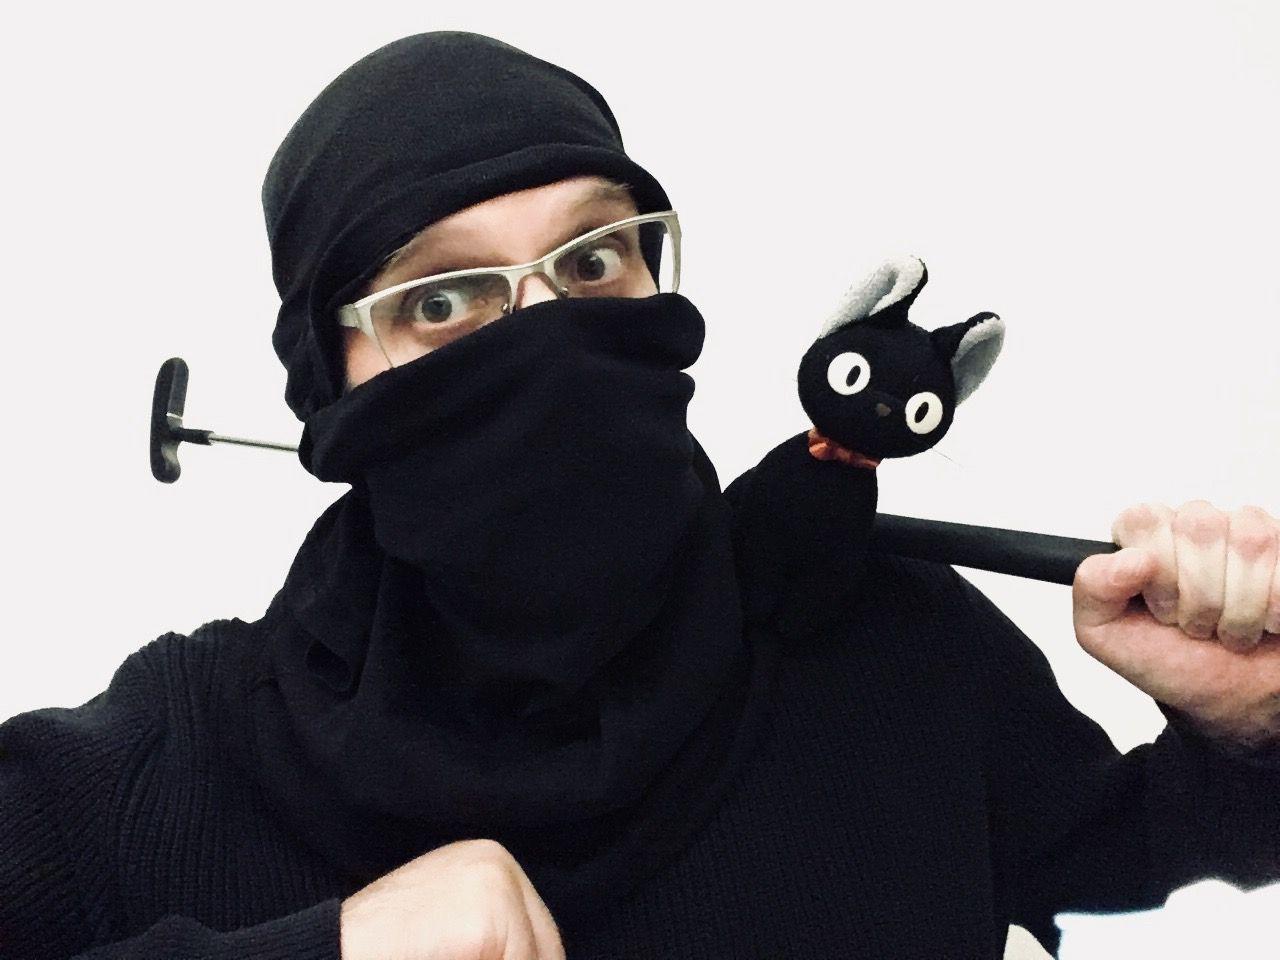 Torsten als Ninja verkleidet